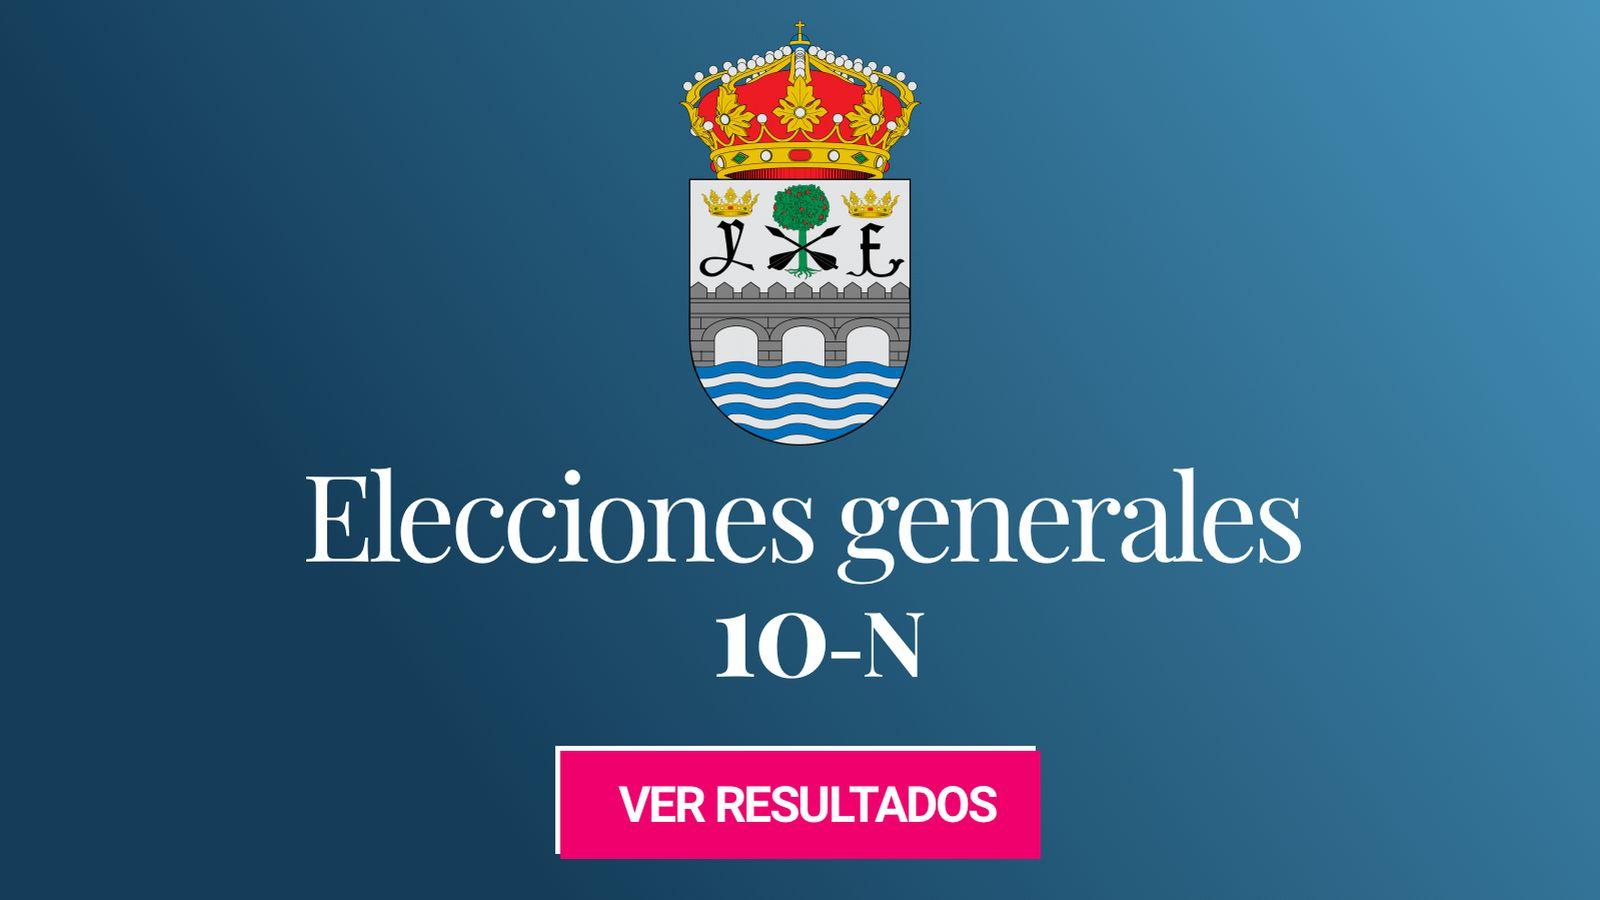 Foto: Elecciones generales 2019 en San Sebastián de los Reyes. (C.C./EC)